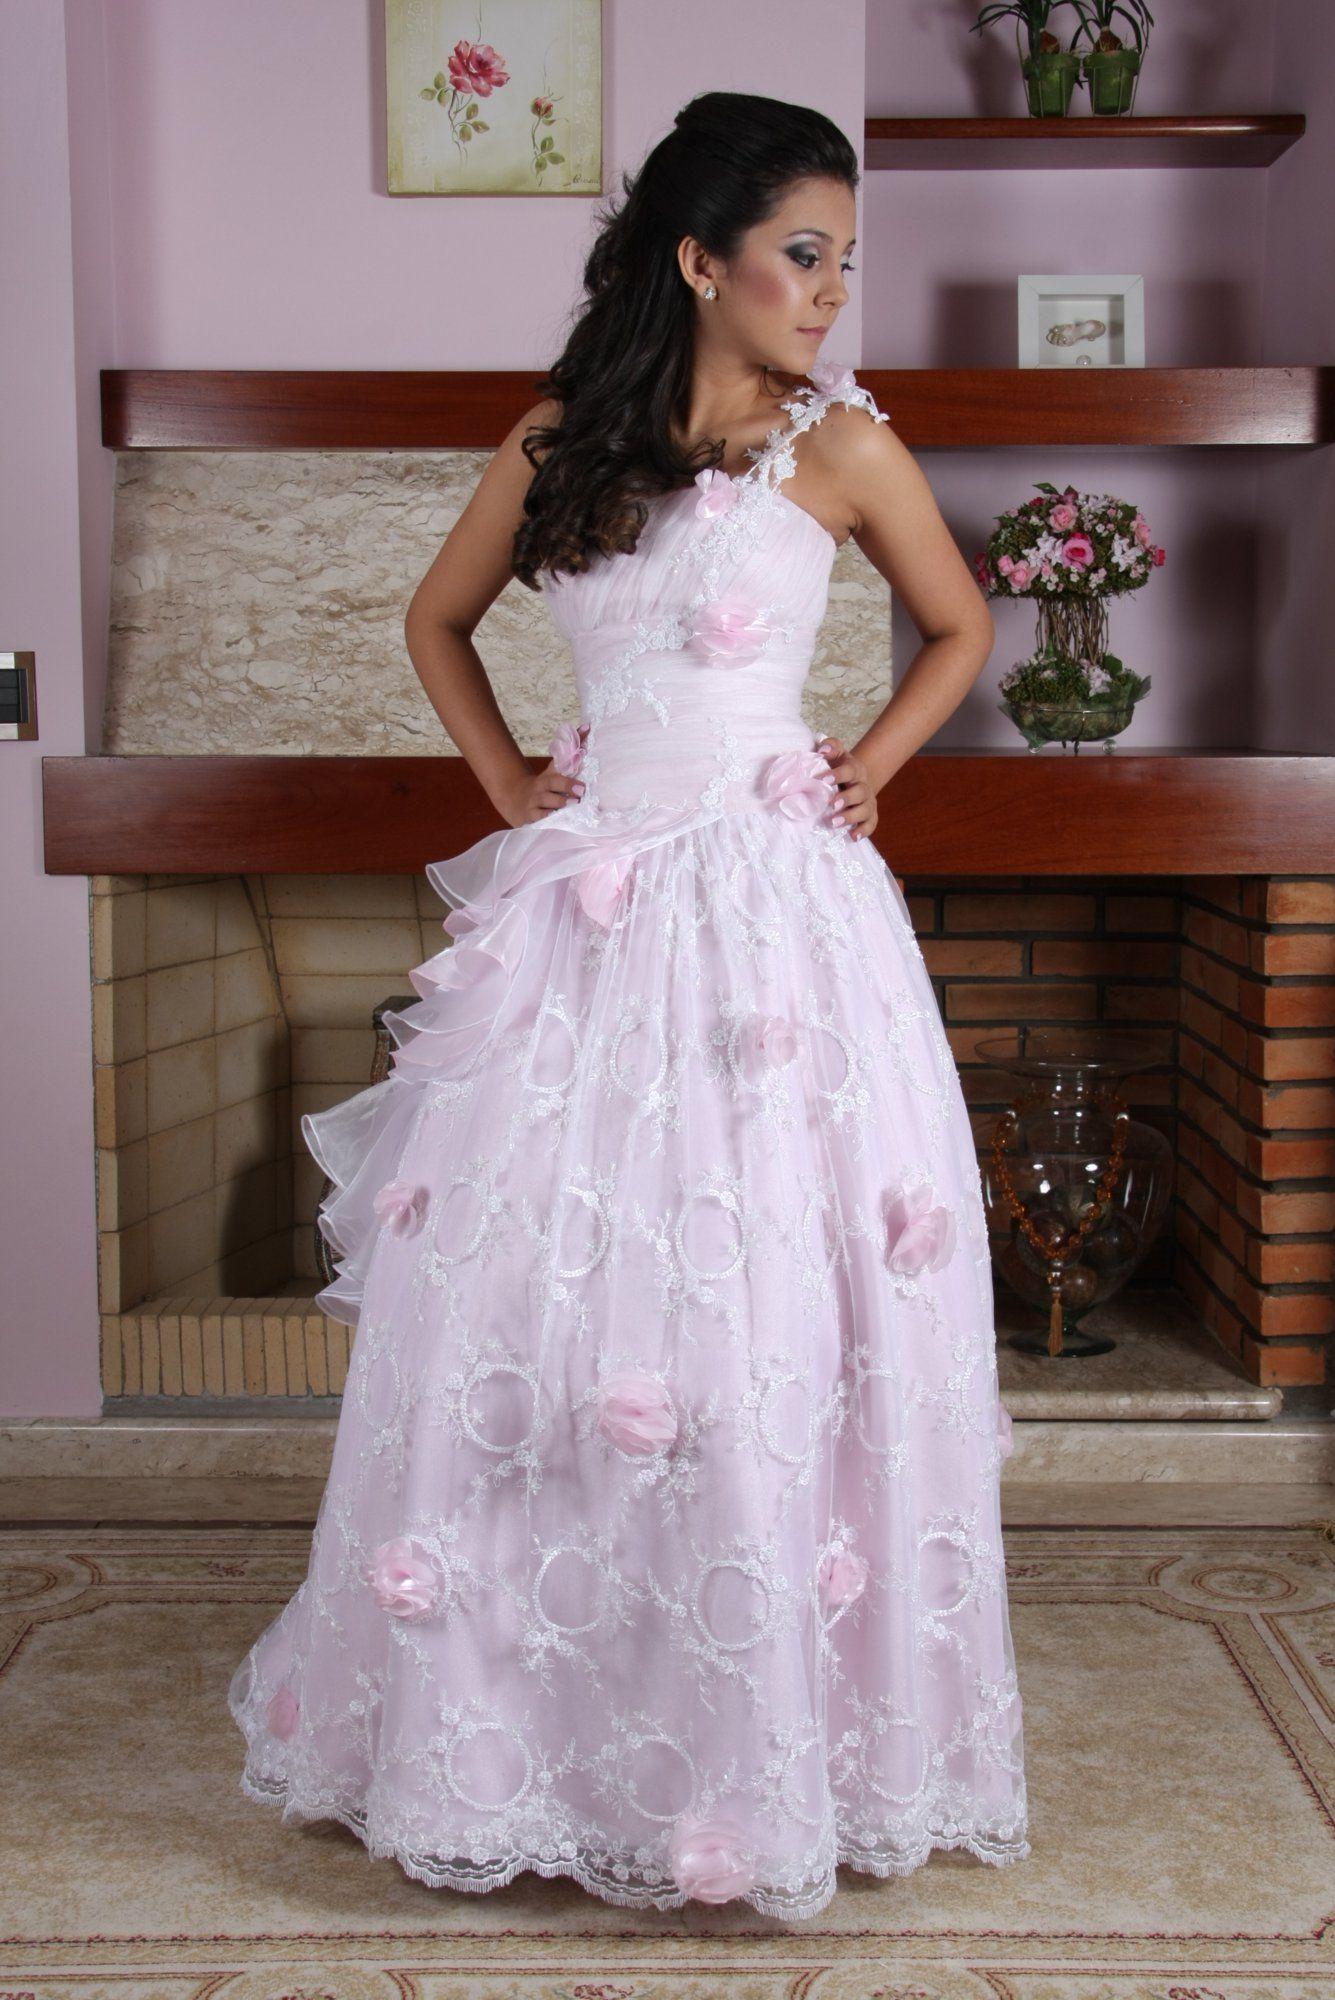 Vestido de Debutante Rosa - 23 - Hipnose Alta Costura e Spa para Noivas e Noivos - Campinas - SP Vestido de Debutante, Vestido de Debutante Rosa, Hipnose Alta Costura